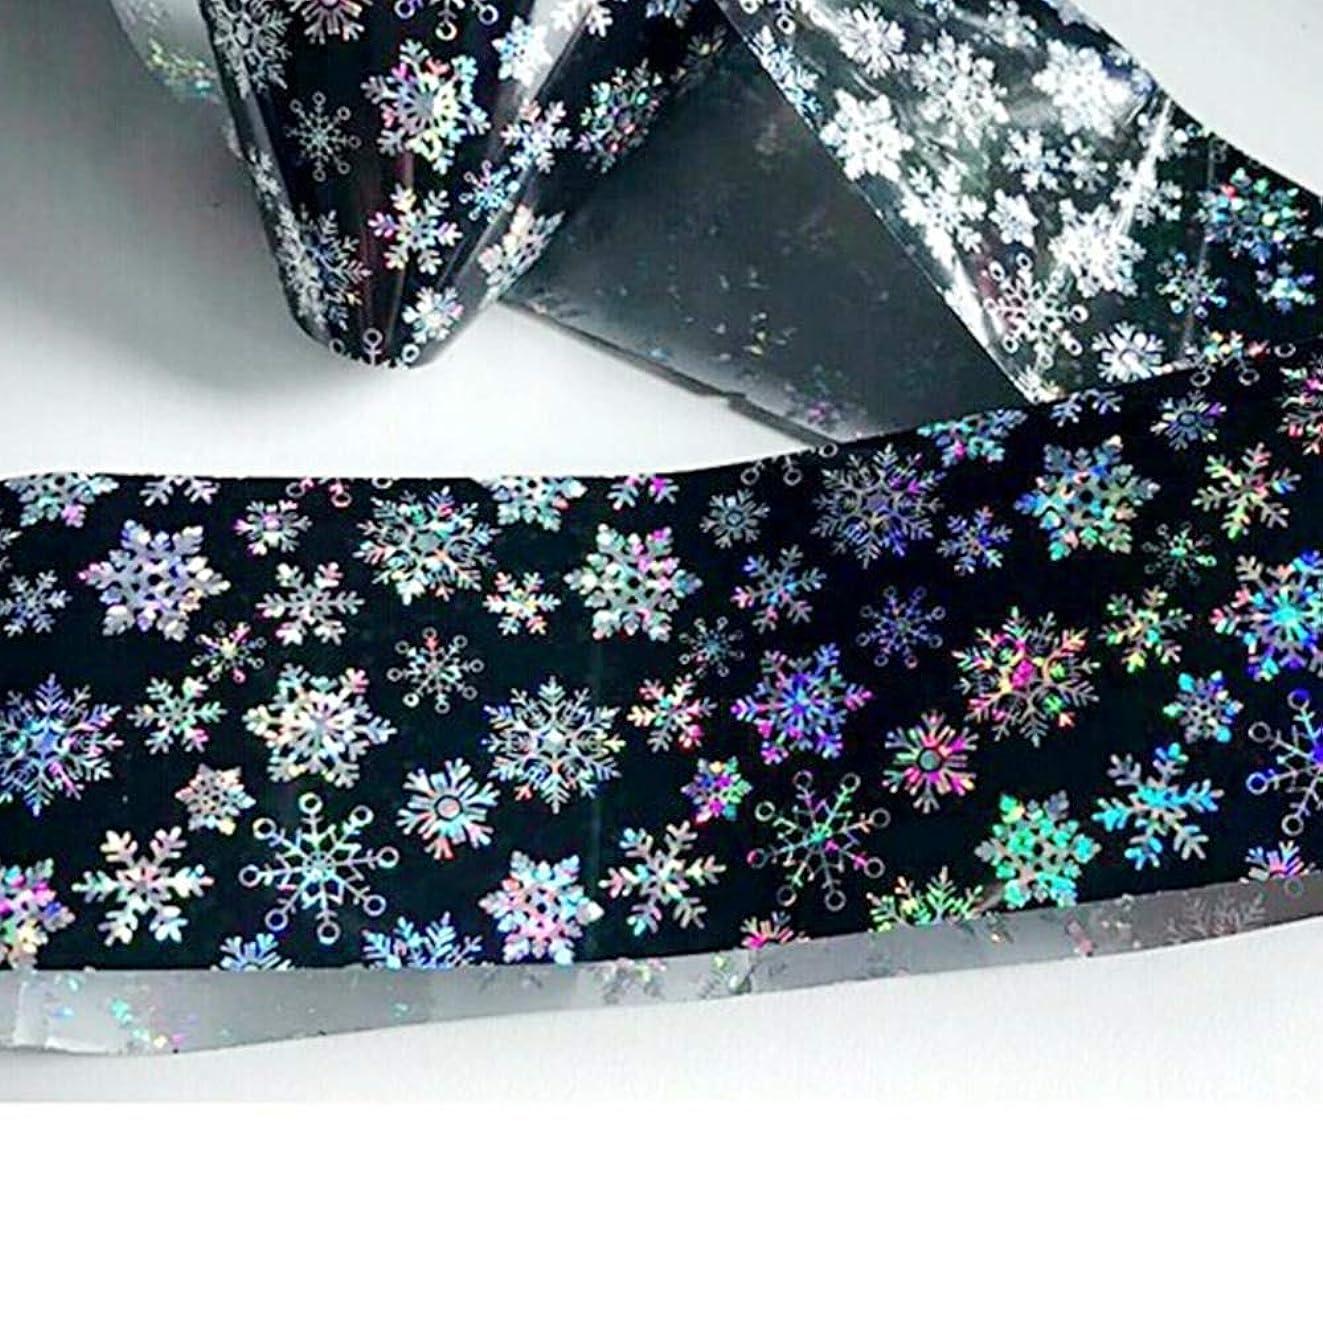 100センチ×4センチ輝くスノーフレークネイルアート転写箔ステッカー美容接着剤ポーランドラップネイルチップデコレーションSASTZXK79